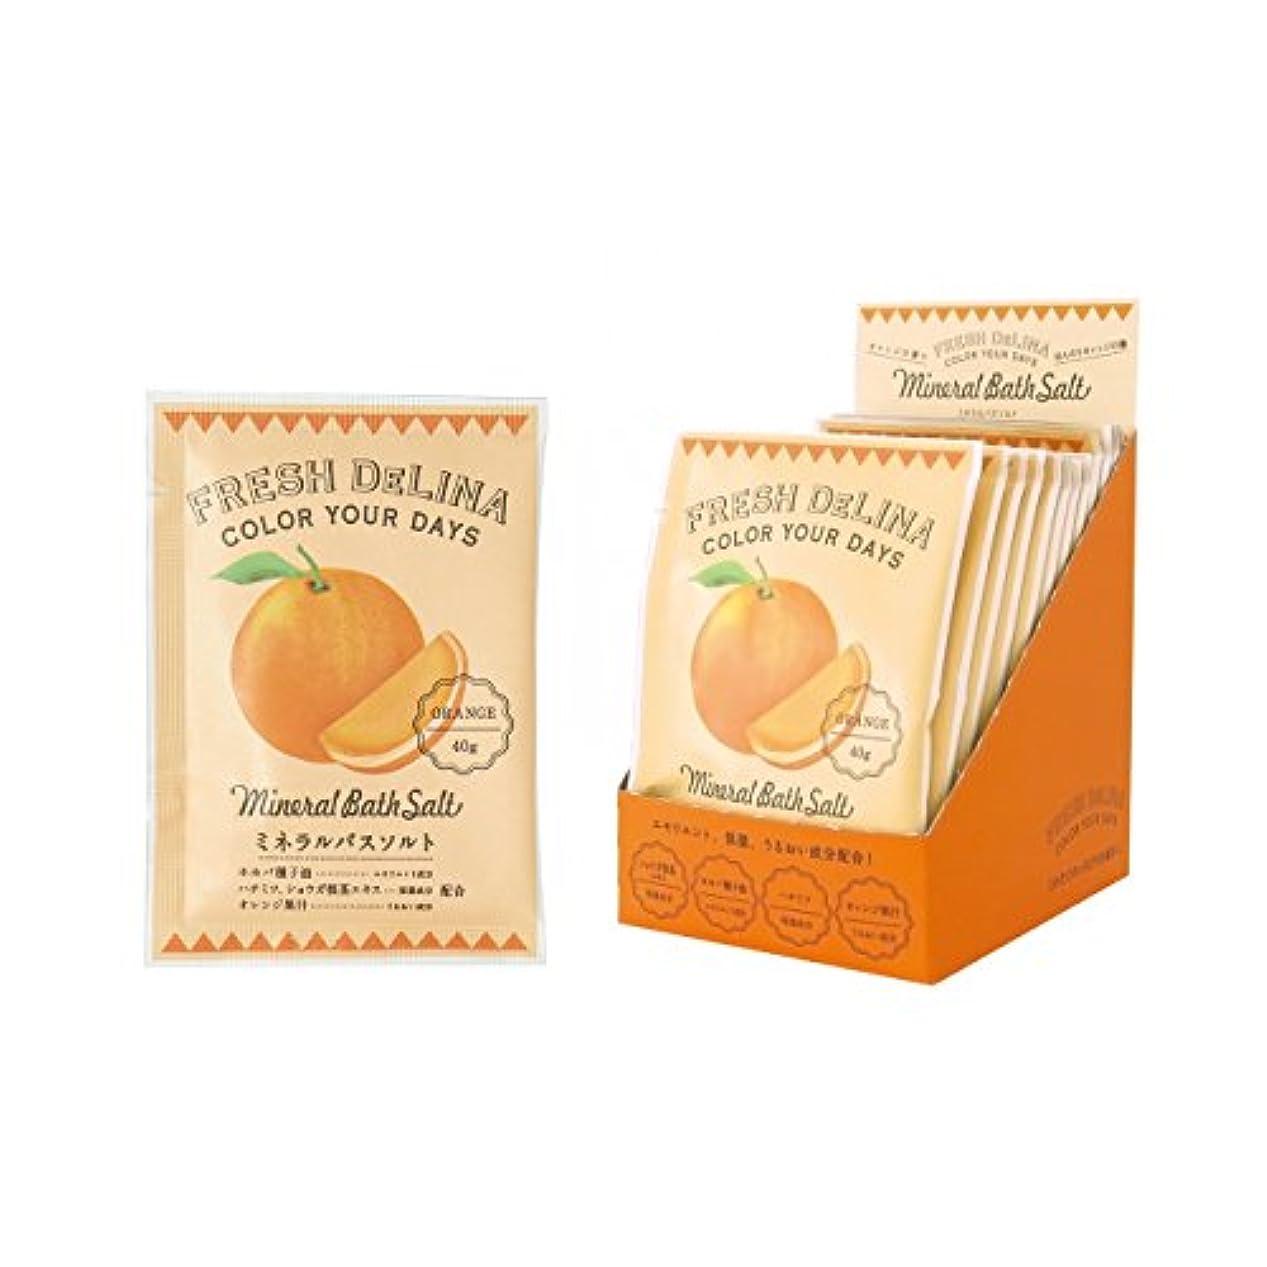 解読する匿名市民権フレッシュデリーナ ミネラルバスソルト40g(オレンジ) 12個 (海塩タイプ入浴料 日本製 フレッシュな柑橘系の香り)